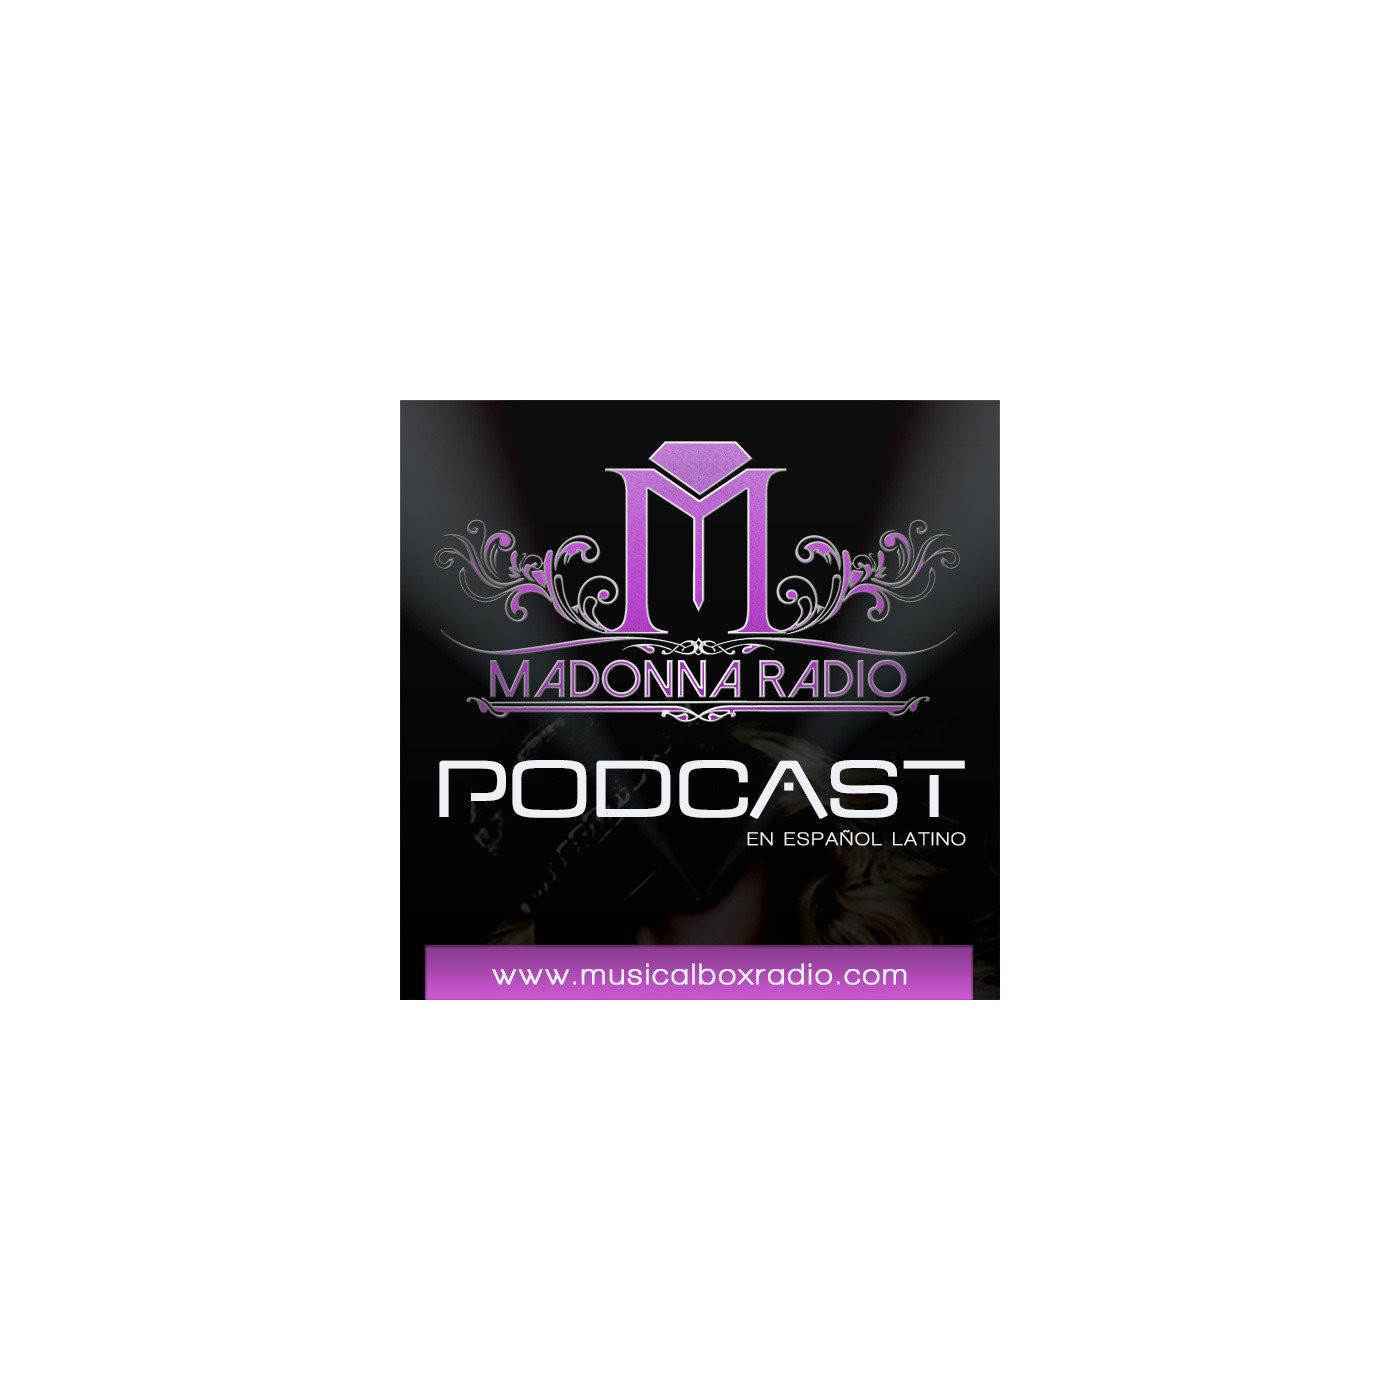 <![CDATA[Madonna Radio podcast]]>